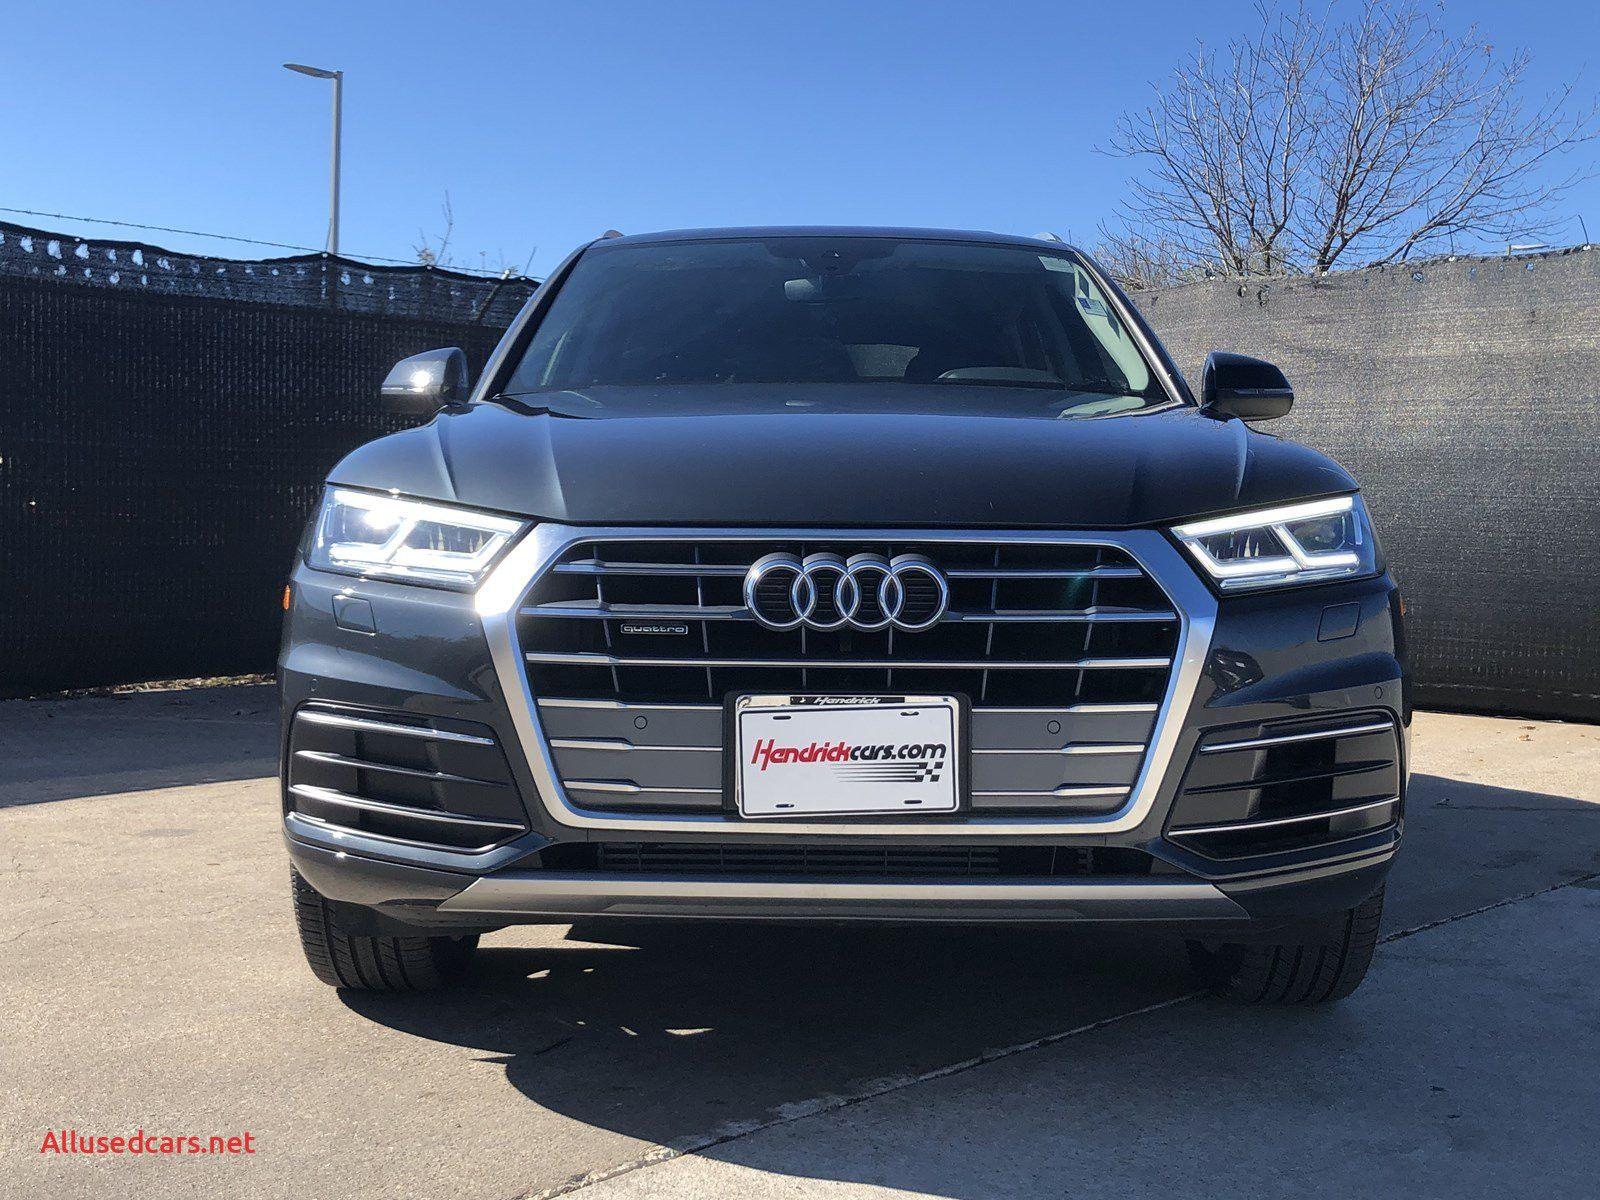 Audi Sq5 For Sale Best Of Pre Owned 2019 Audi Q5 Premium Plus Audi Q5 Audi Sq5